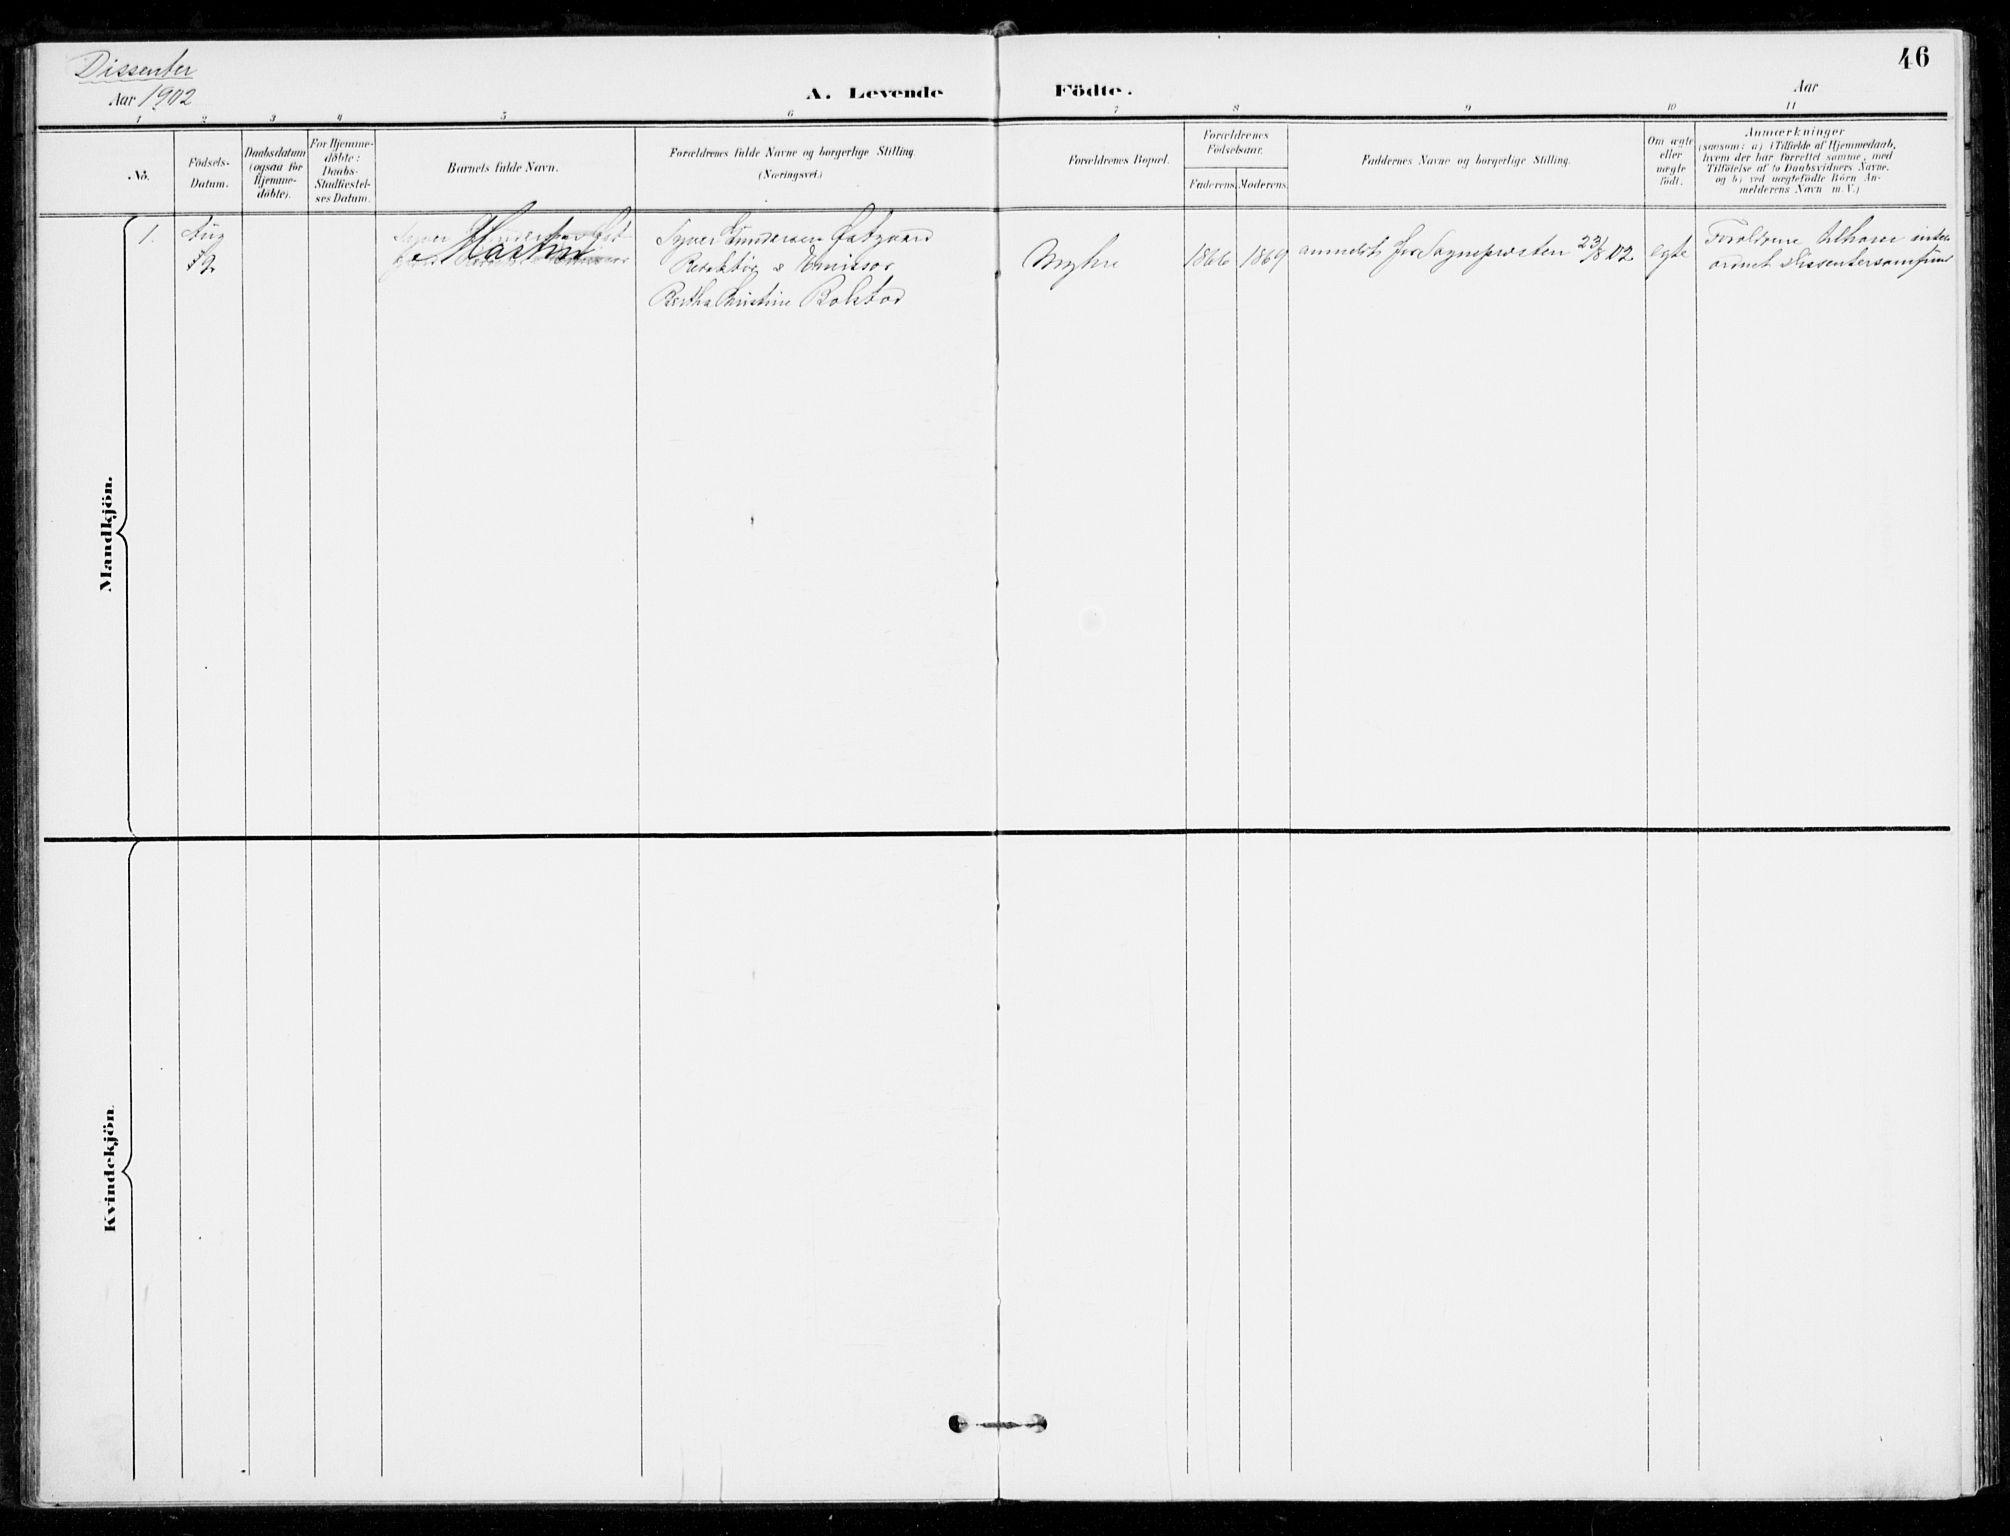 SAKO, Åssiden kirkebøker, F/Fa/L0002: Ministerialbok nr. 2, 1896-1916, s. 46